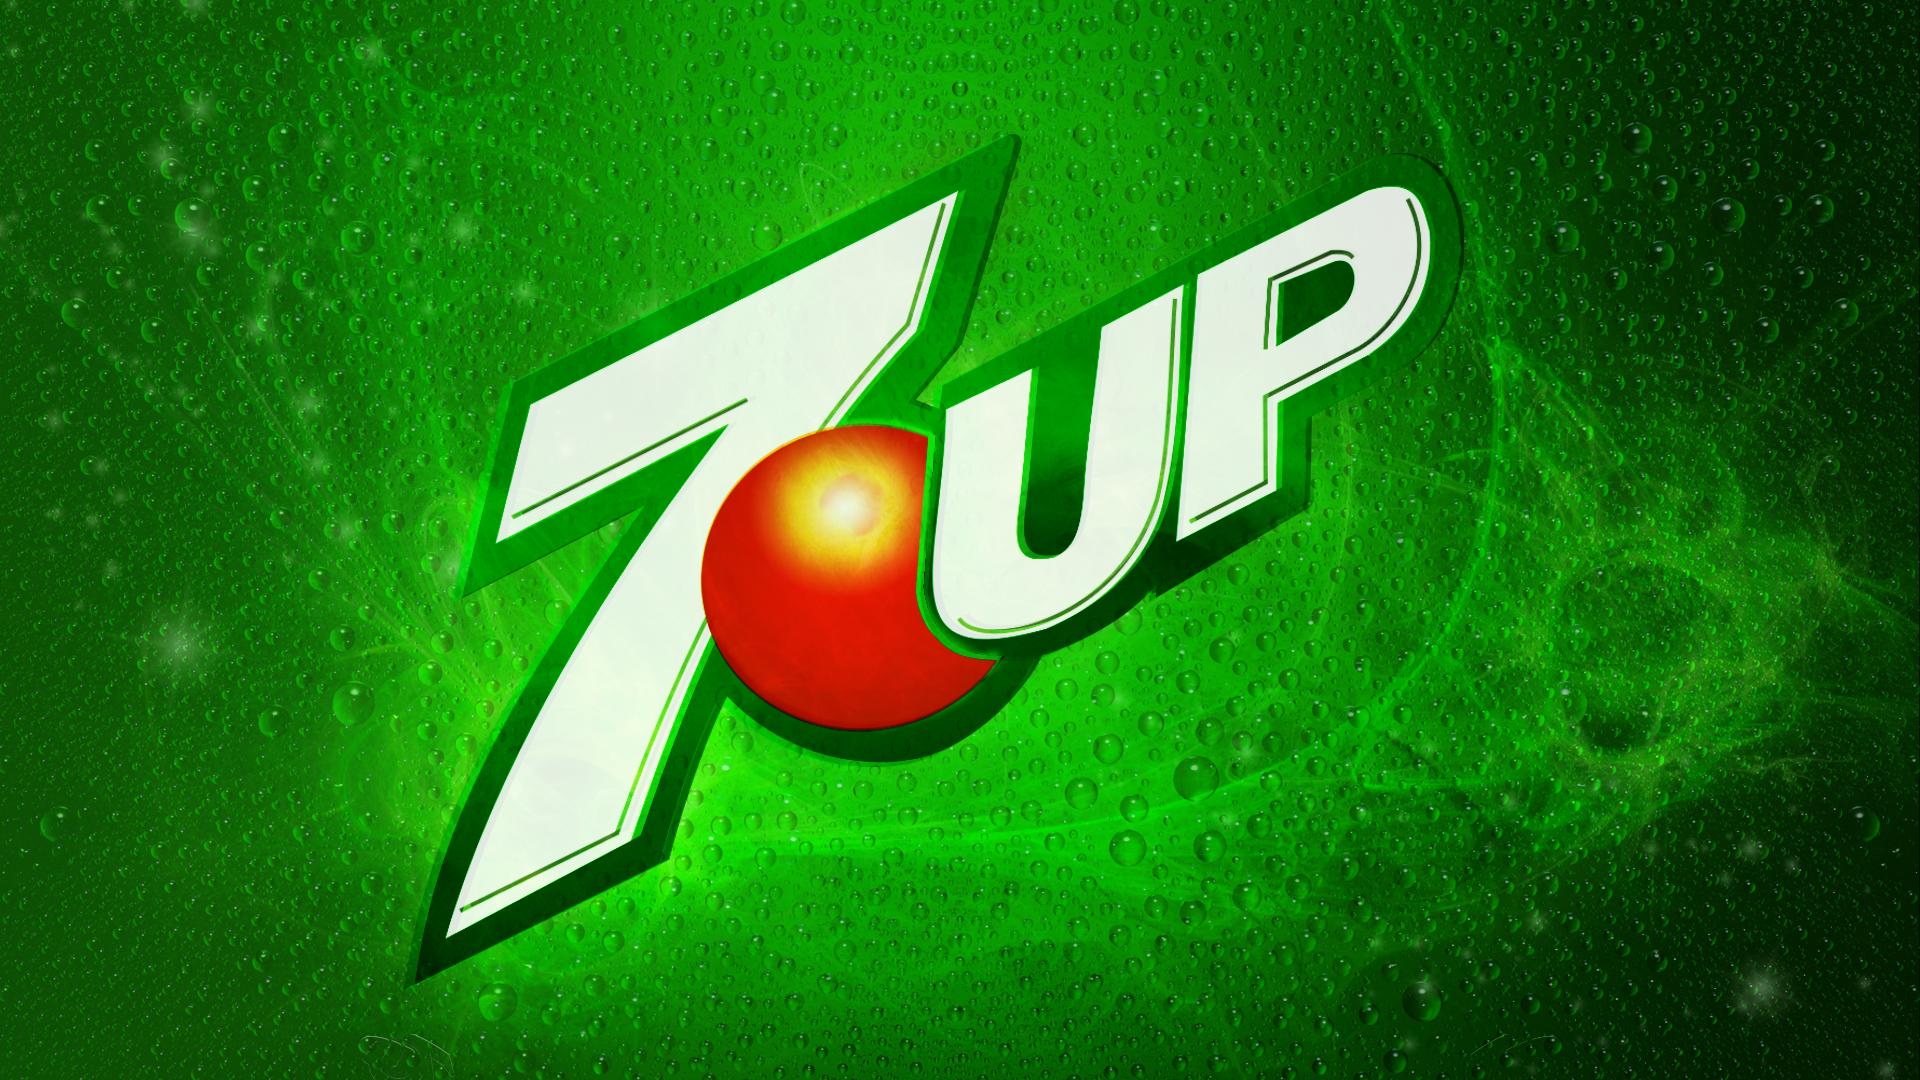 7 up machine